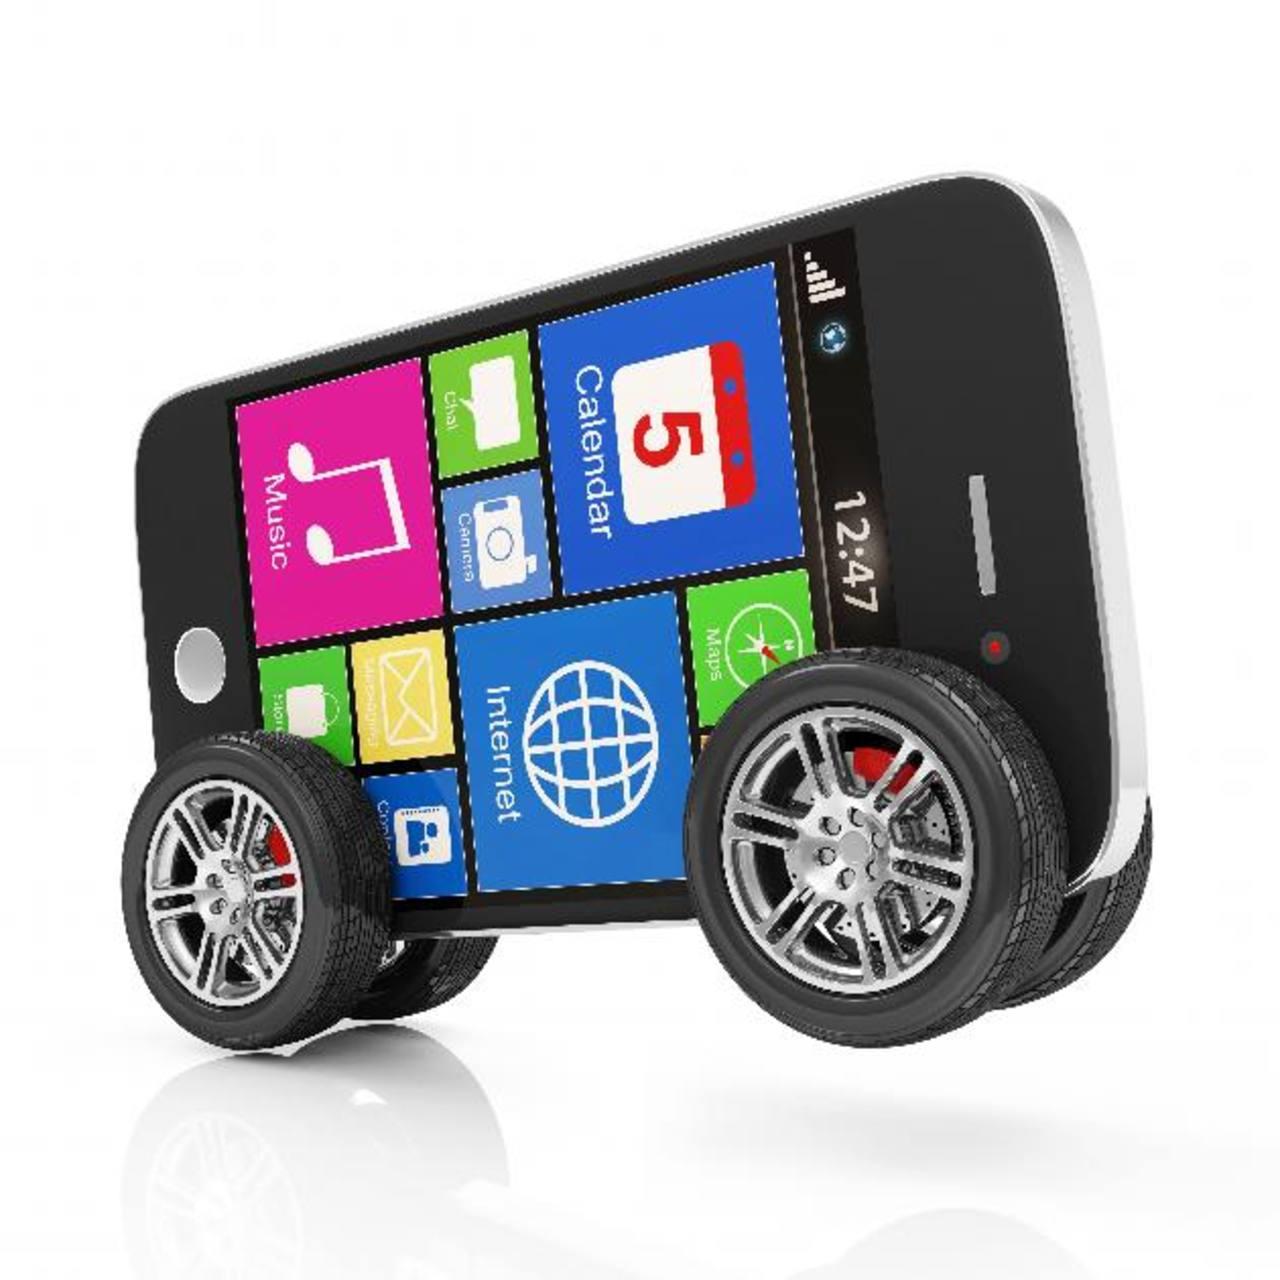 Mejore la velocidad de su Smart Phone